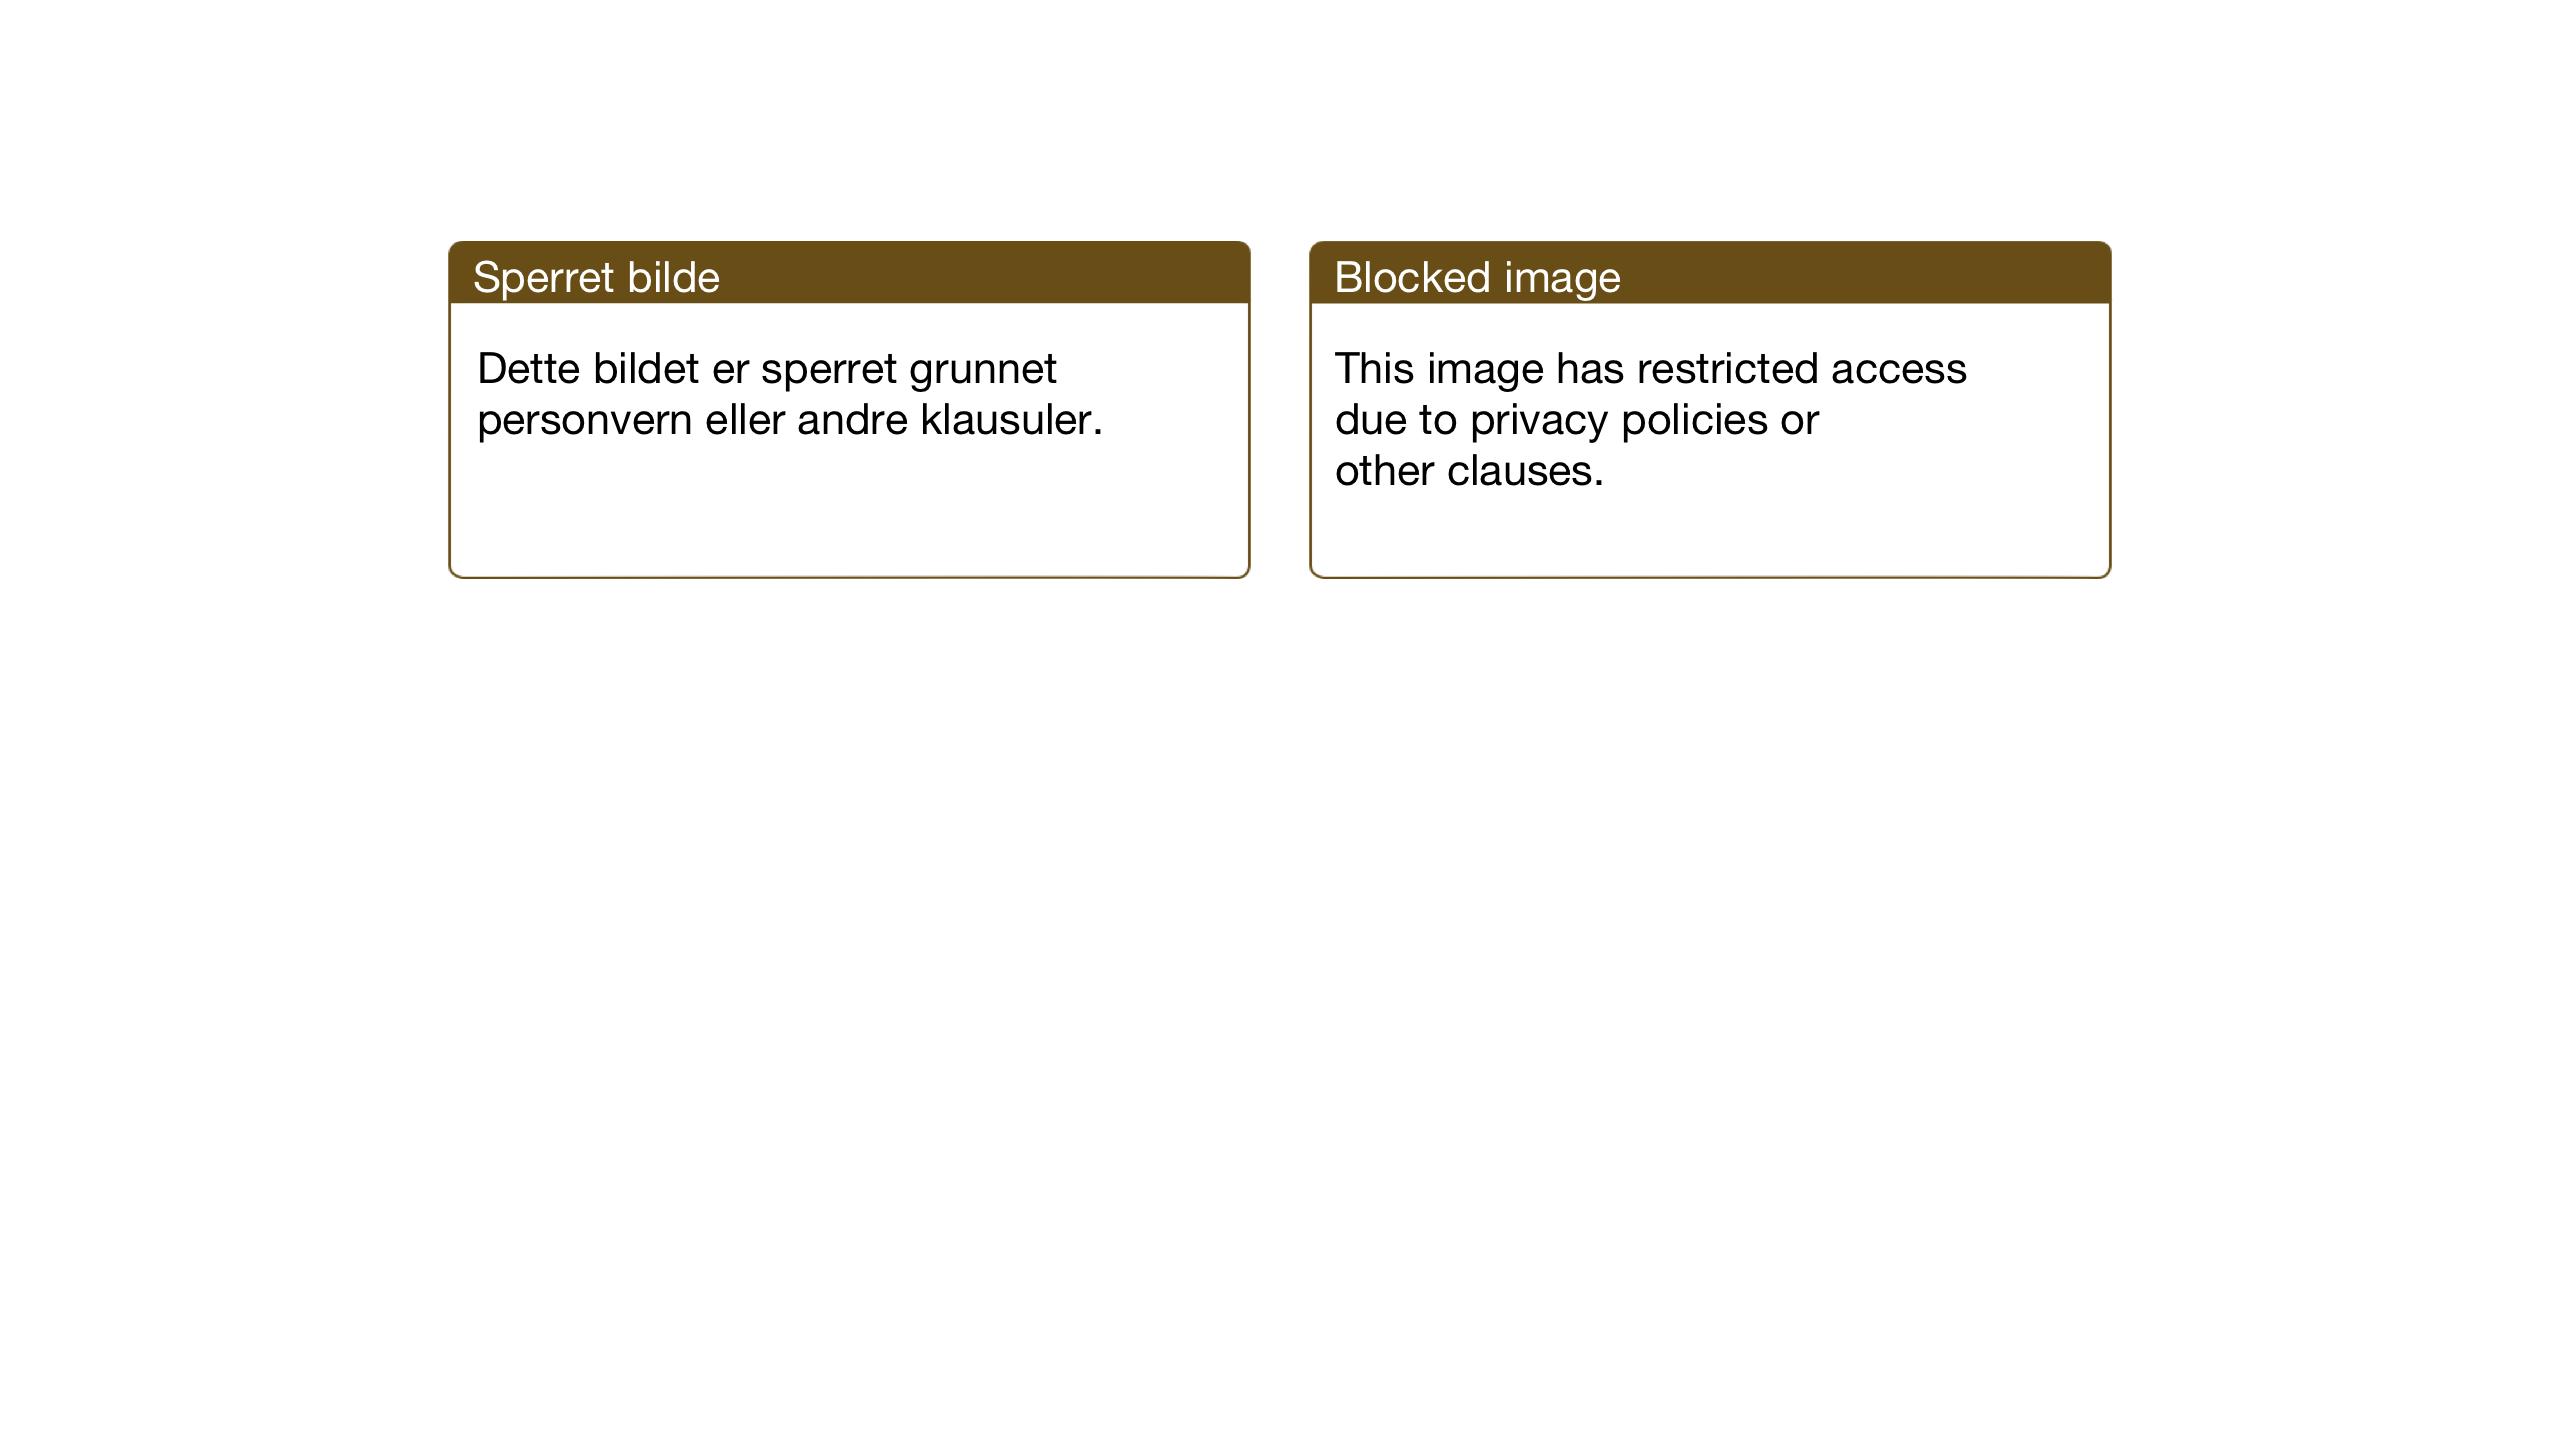 SAT, Ministerialprotokoller, klokkerbøker og fødselsregistre - Nord-Trøndelag, 721/L0209: Klokkerbok nr. 721C02, 1918-1940, s. 51